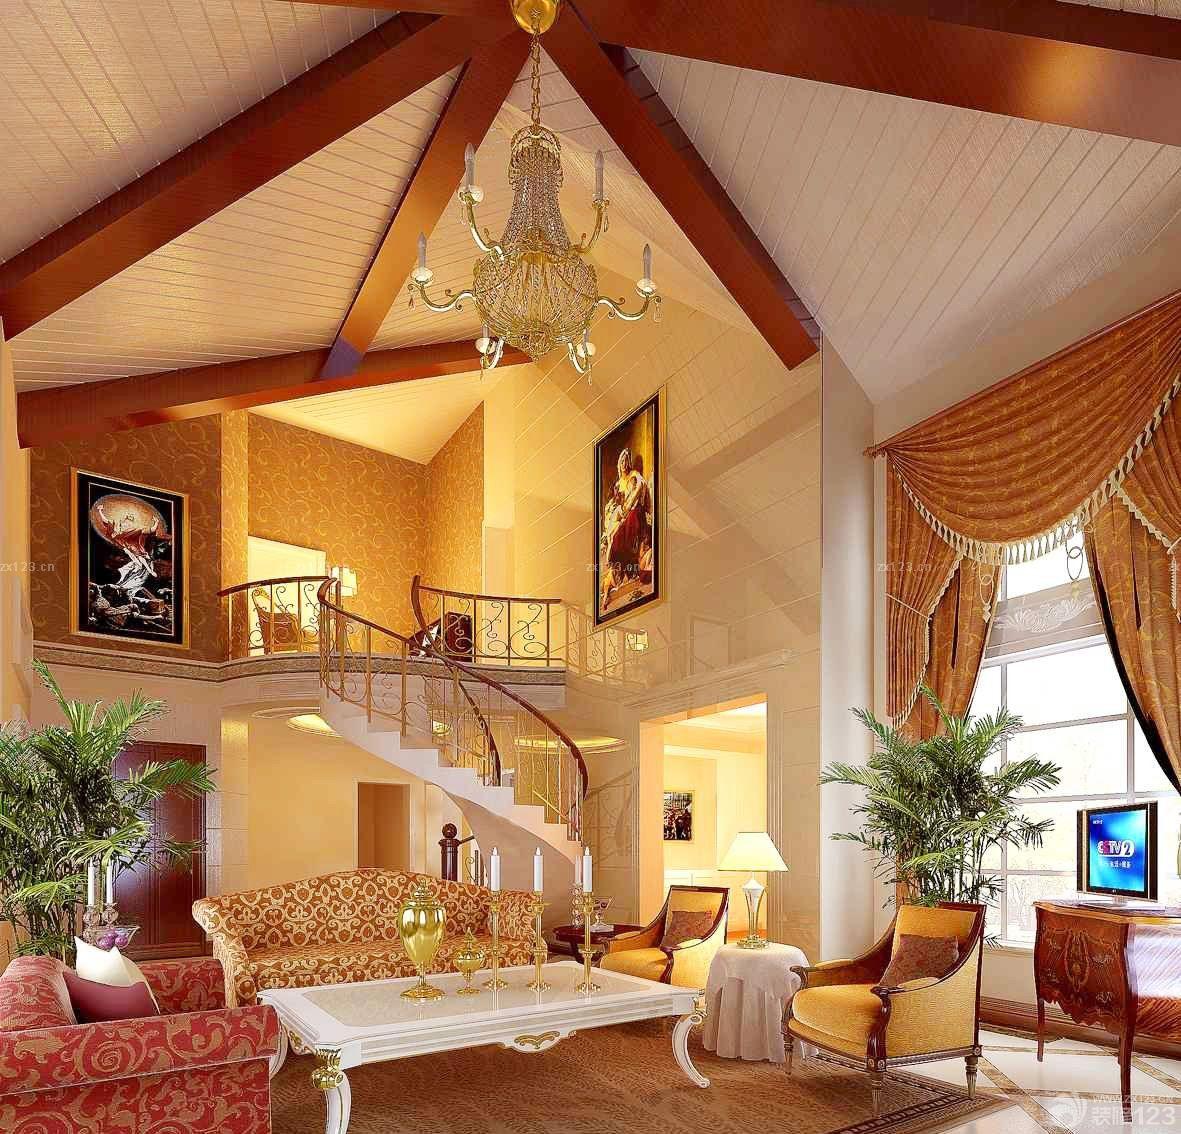 80平米别墅小复式楼装修设计图图片